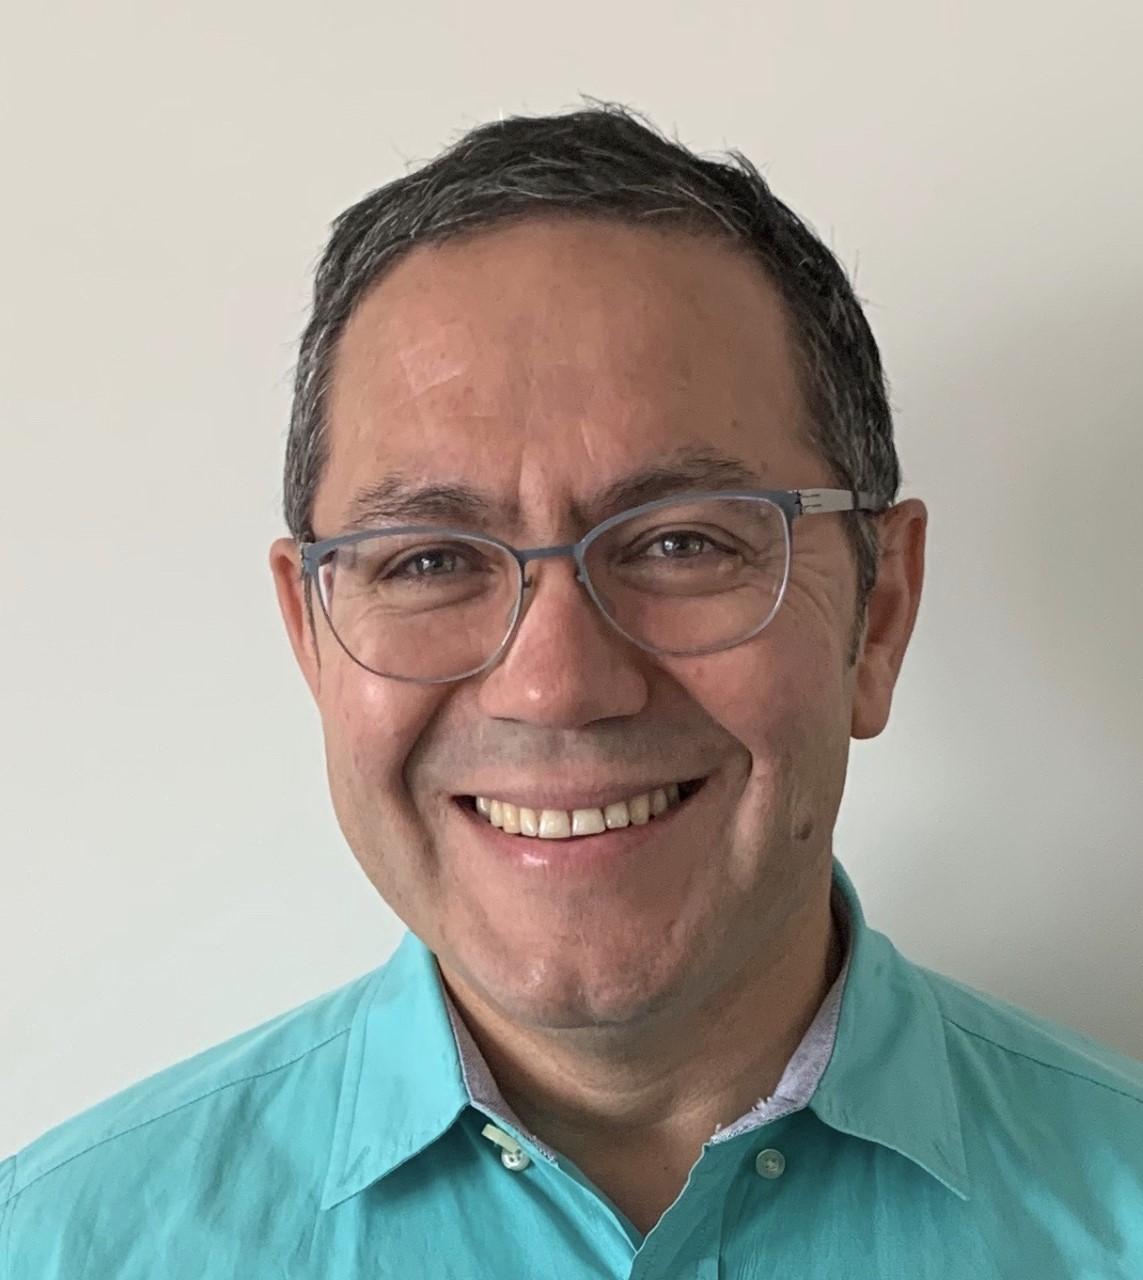 Professor Alvaro Kaempfer (Photo provided)